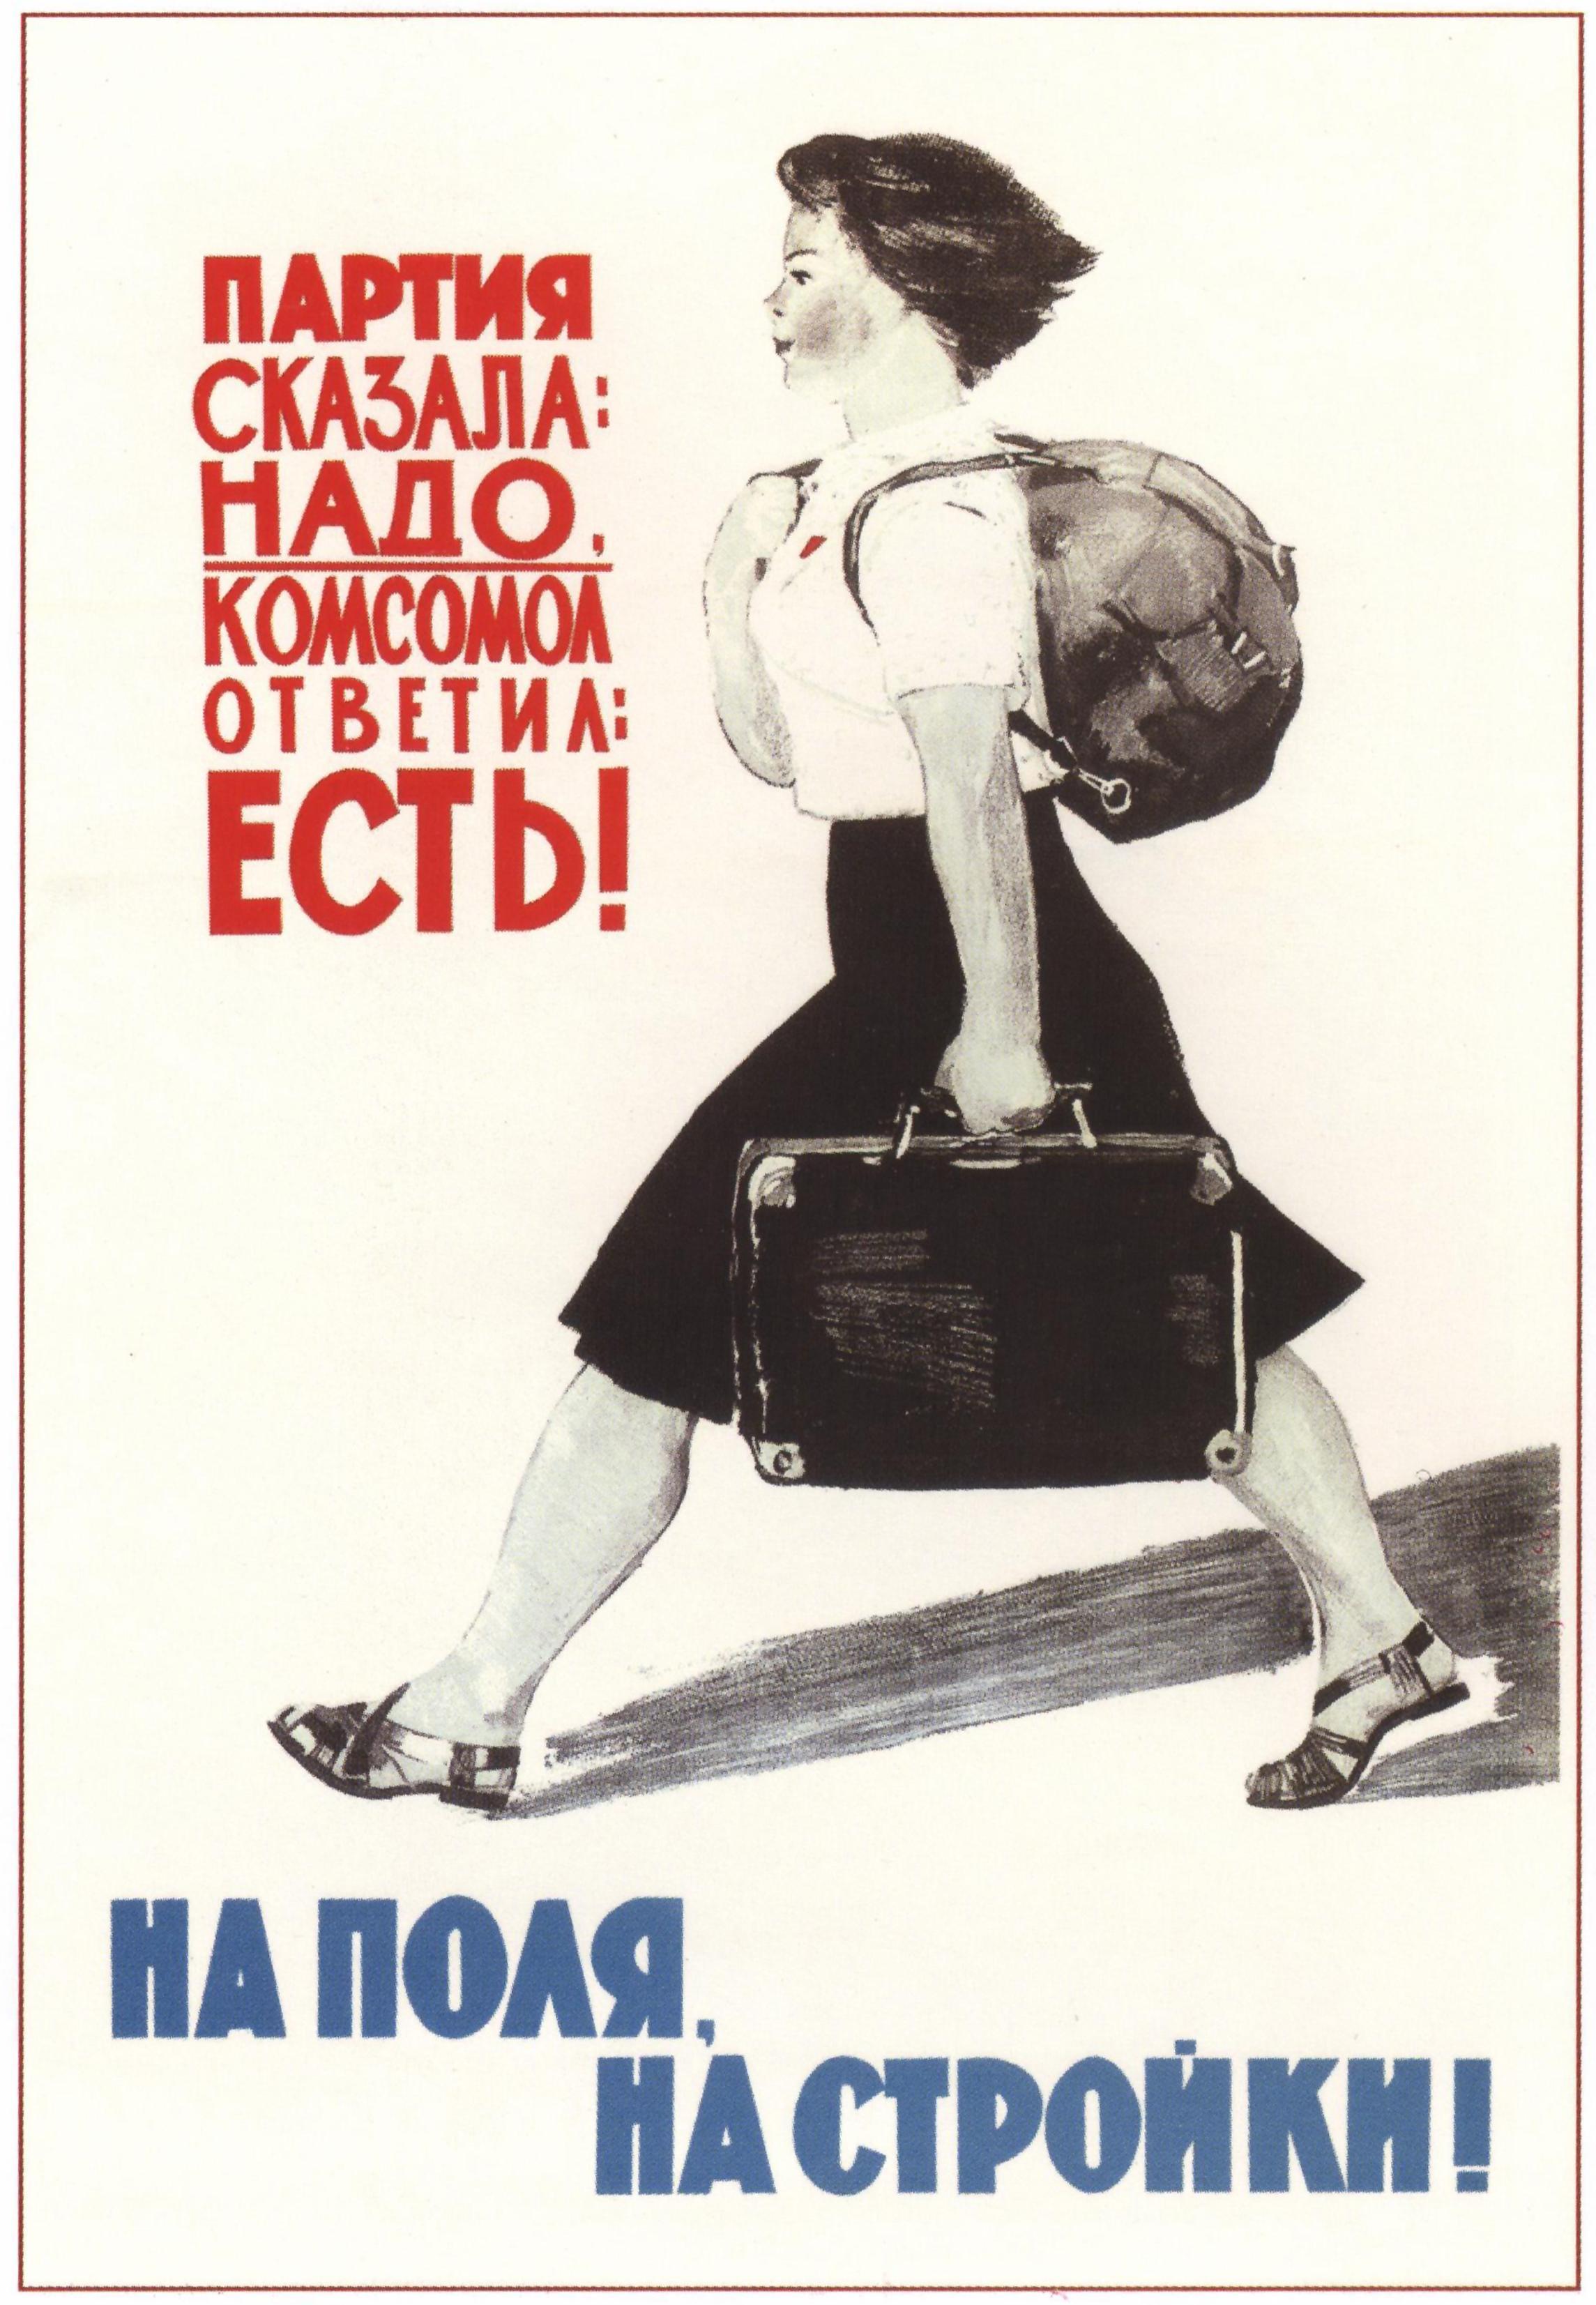 http://my-ussr.ru/images/plakaty/trud/celina-i-bam/1963-bolshakova-smirnov-partiya-skazala-nado-komsomol-otvetil-est-4.jpg height=910 height=1008